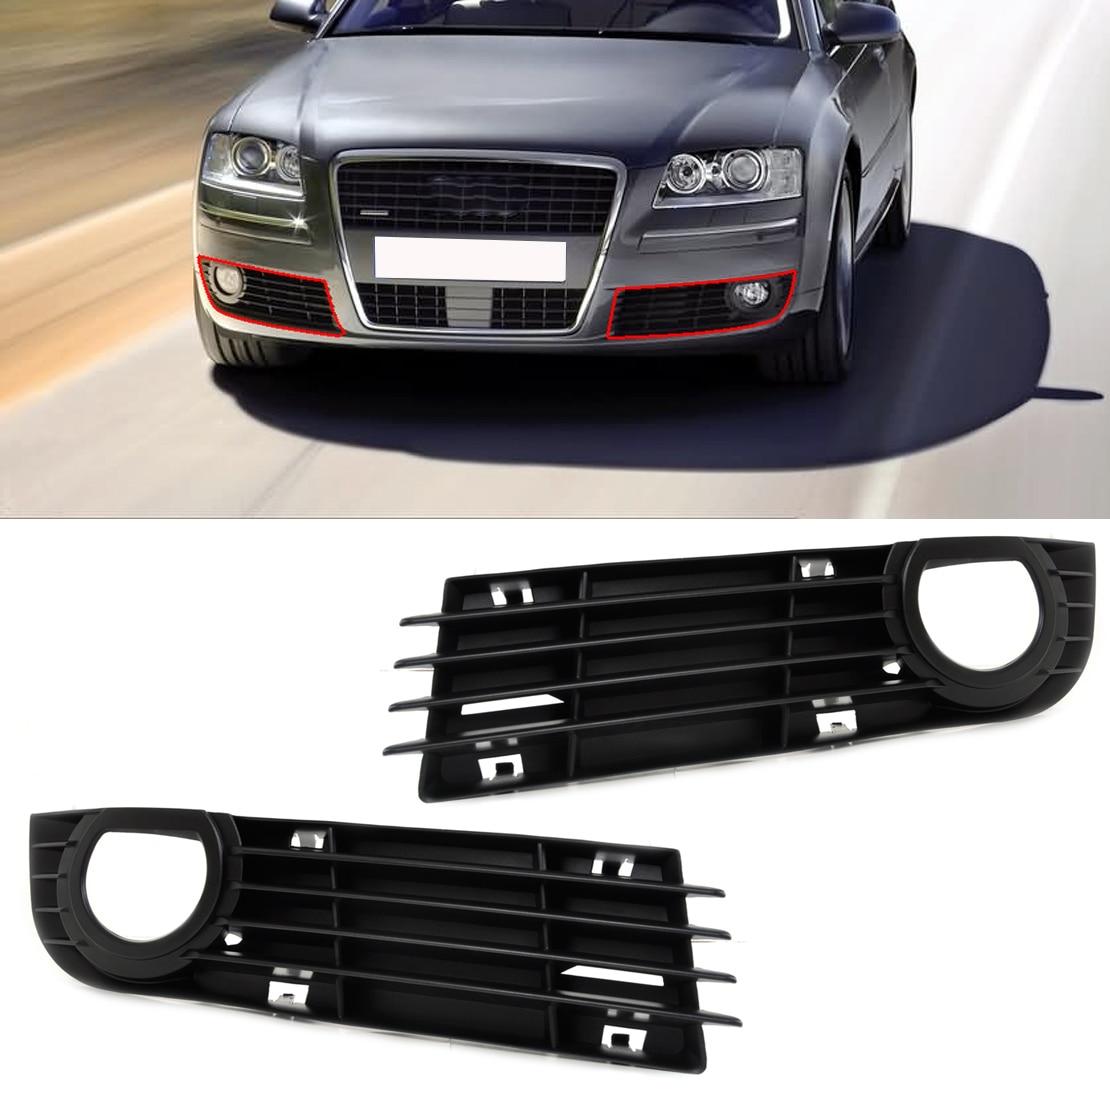 DWCX 4E0807681AD01C 4E0807682AD01C 1 paire avant Insert pare-chocs antibrouillard Grille de protection maille pour Audi A8 S8 2006 2007 2008